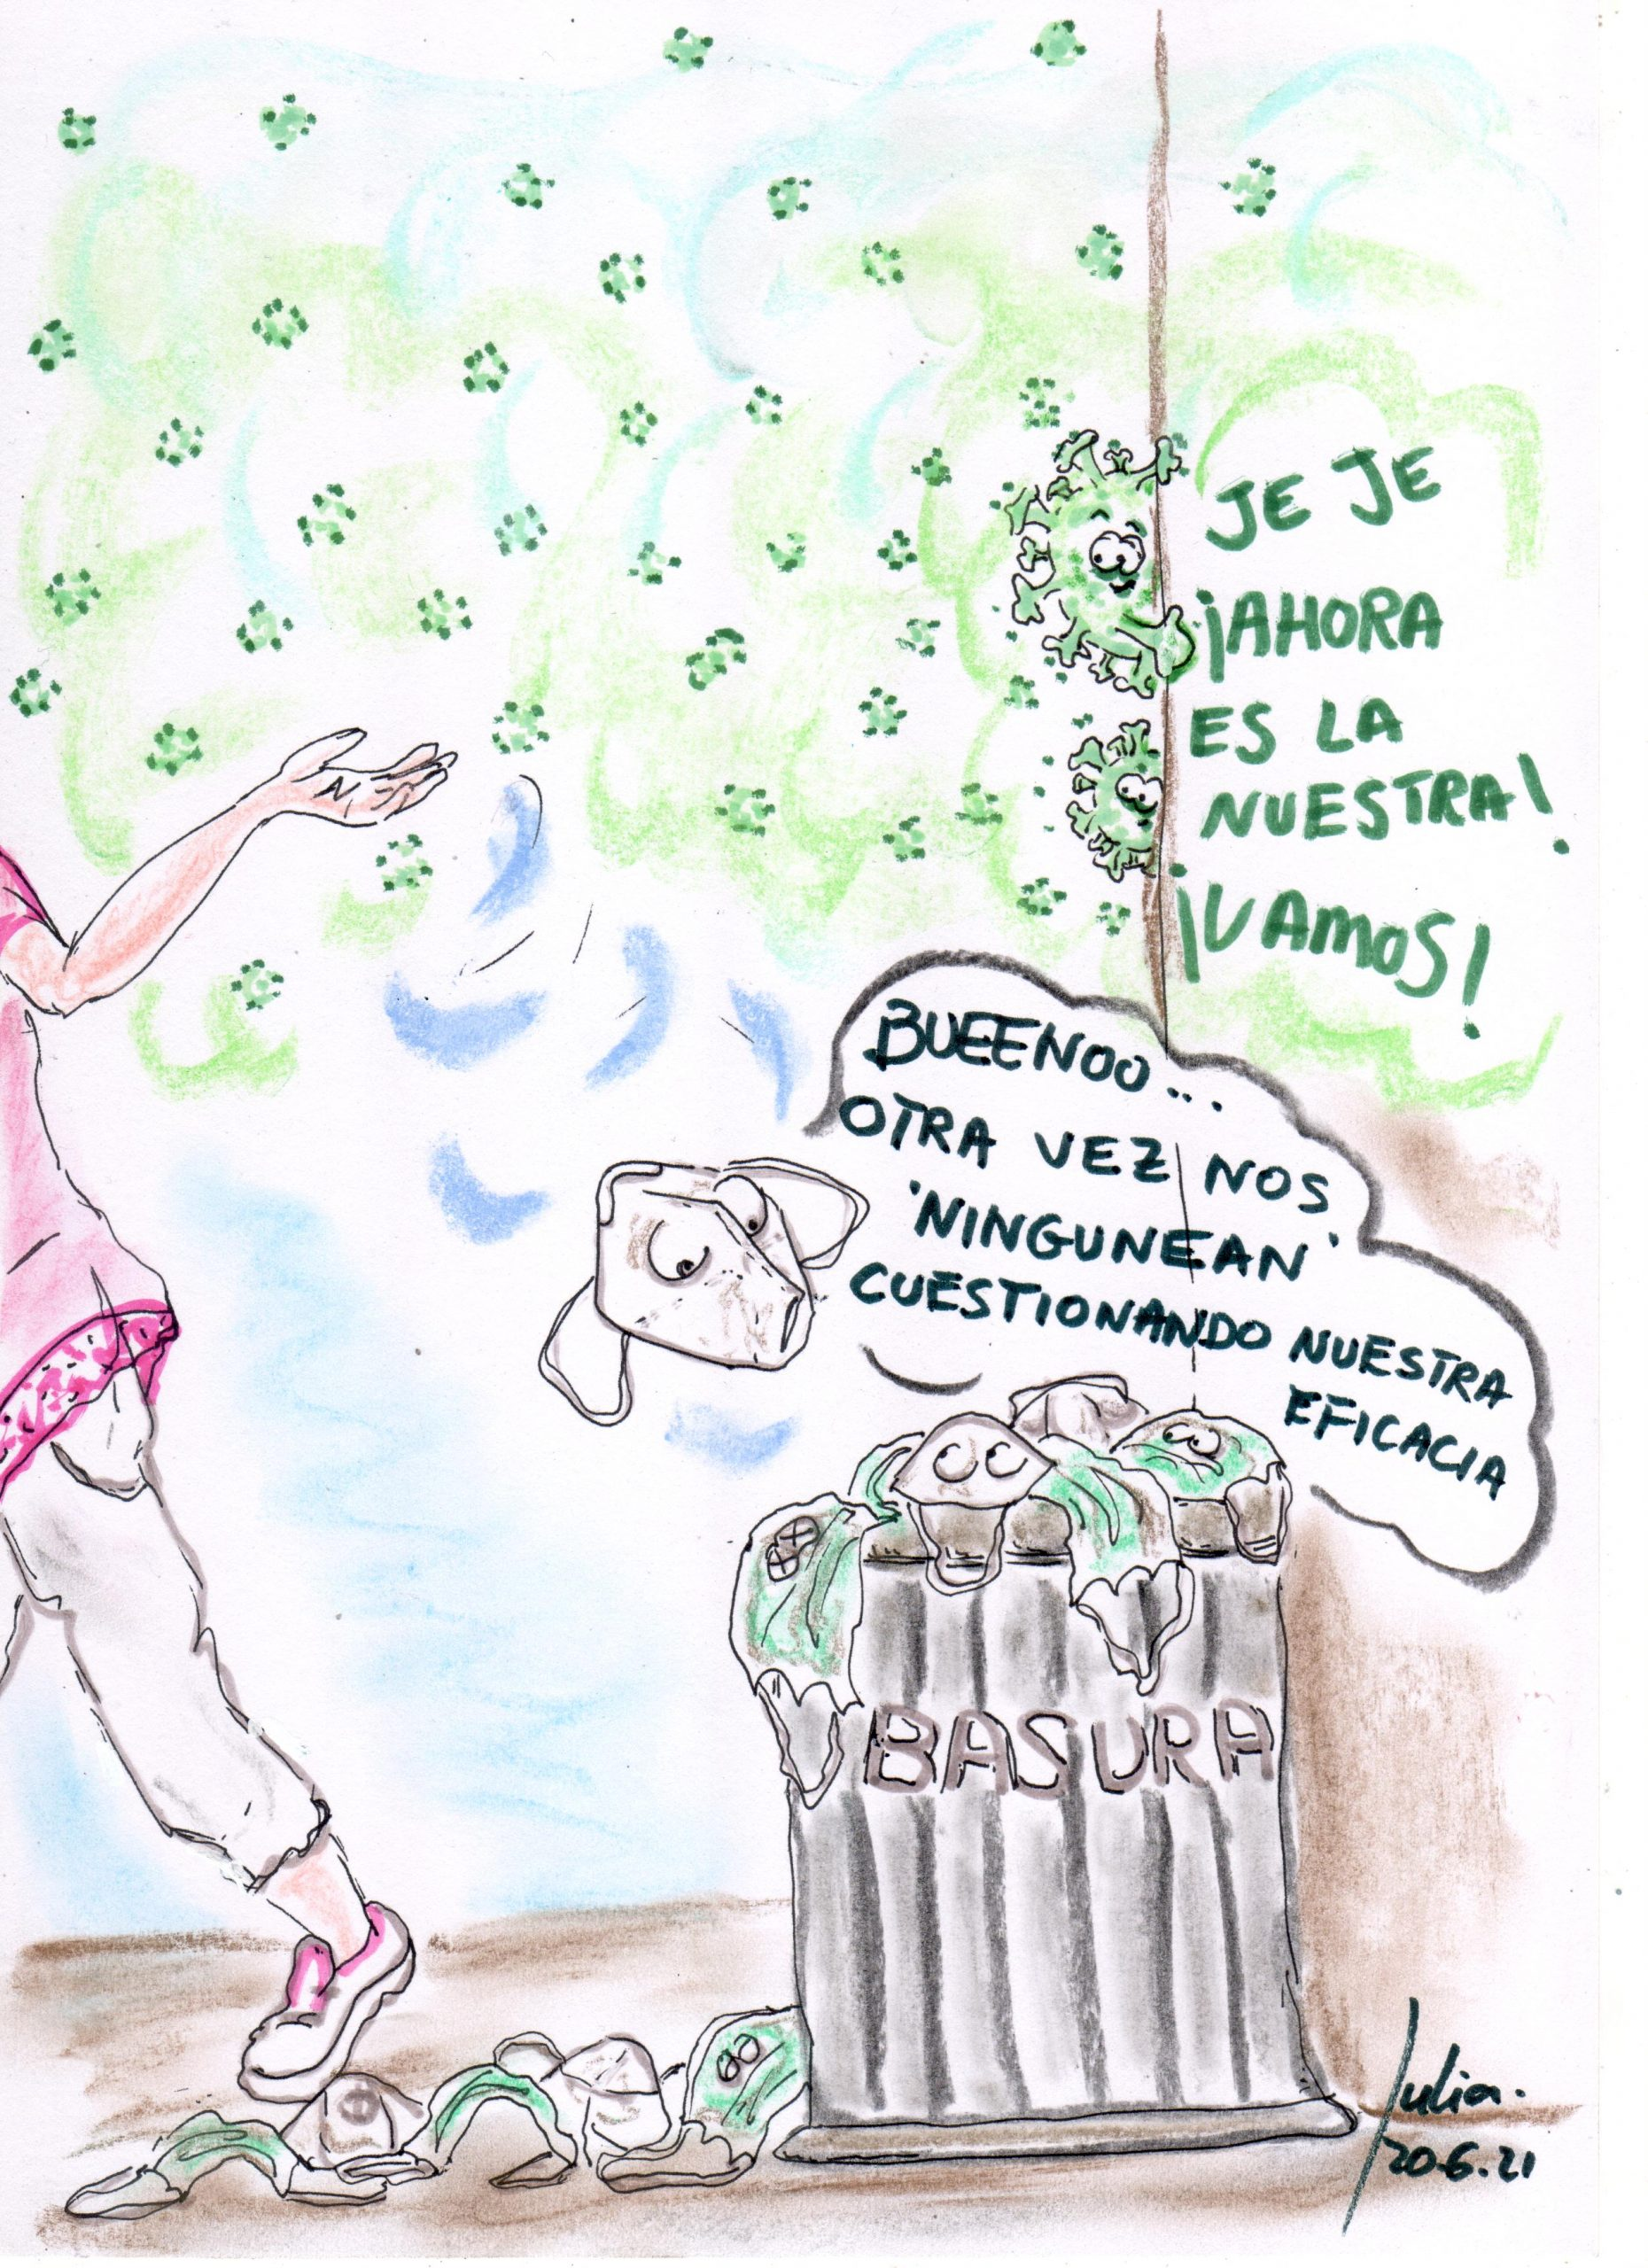 cómic, viñeta, dibujo, tebeo, historieta, arte, caricatura, rincón julia, Rabiosa Actualidad, Radiaciones Comiqueras, Cómic Digital, Desescalada, coronavirus, covid-19, Gestión Escasa, Gestión Tardía, cuarentena, confinamiento, mascarilla, test covid, epidemia, pandemia, Toque de Queda, Aforos Limitados, Niño de la Curva, Fernando Simón, epidemia, peste, epizootia, endemia, contagio, plaga, azote, oleada, ola, avalancha, racomic.com, Fin Mascarillas, Adiós Mascarillas, Pedro Sánchez, Propaganda Gobierno